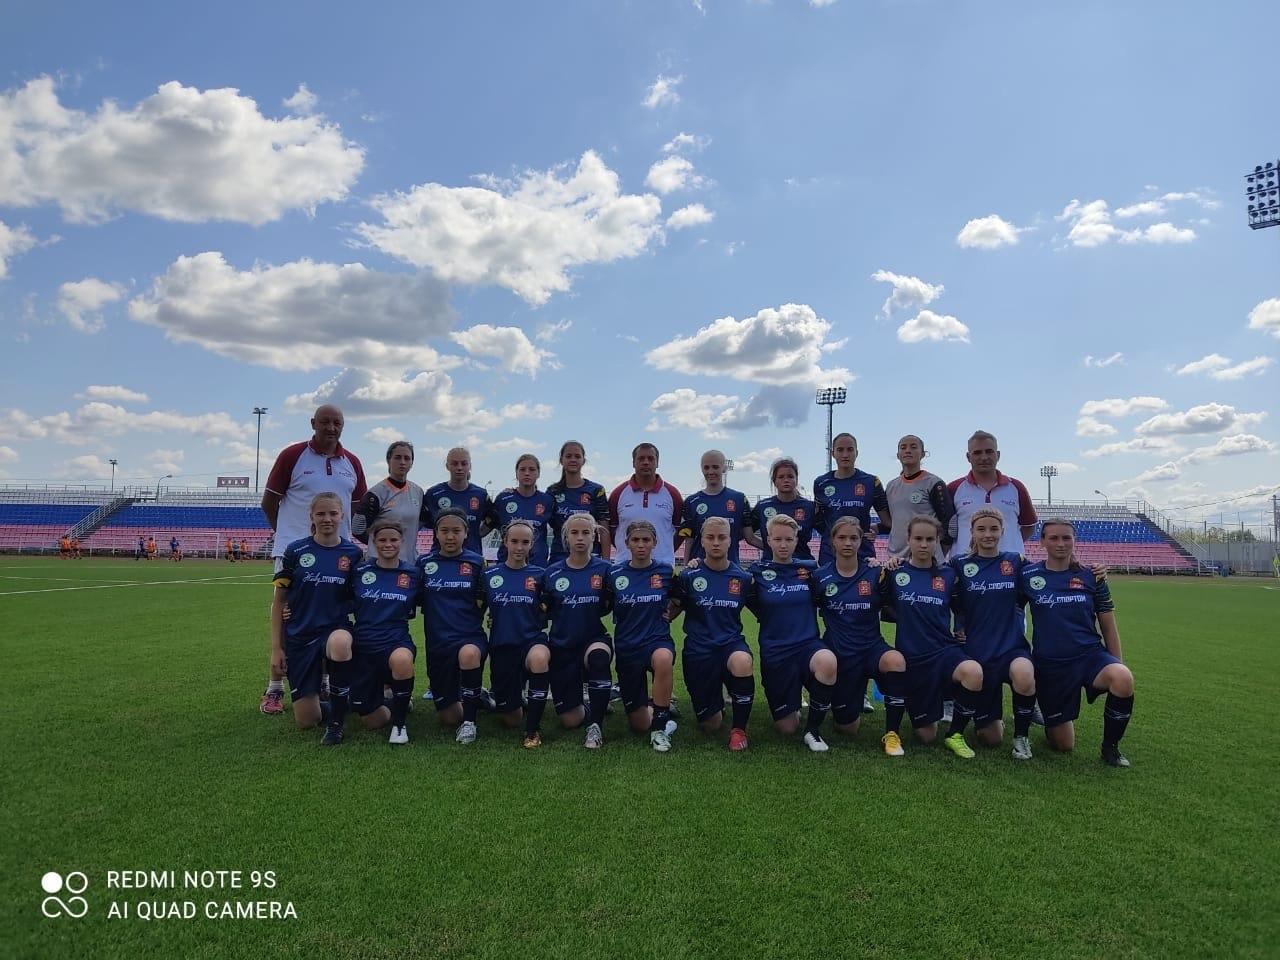 Финальный этап V Спартакиады среди девушек 2004-05 г.р. России 2021 года.